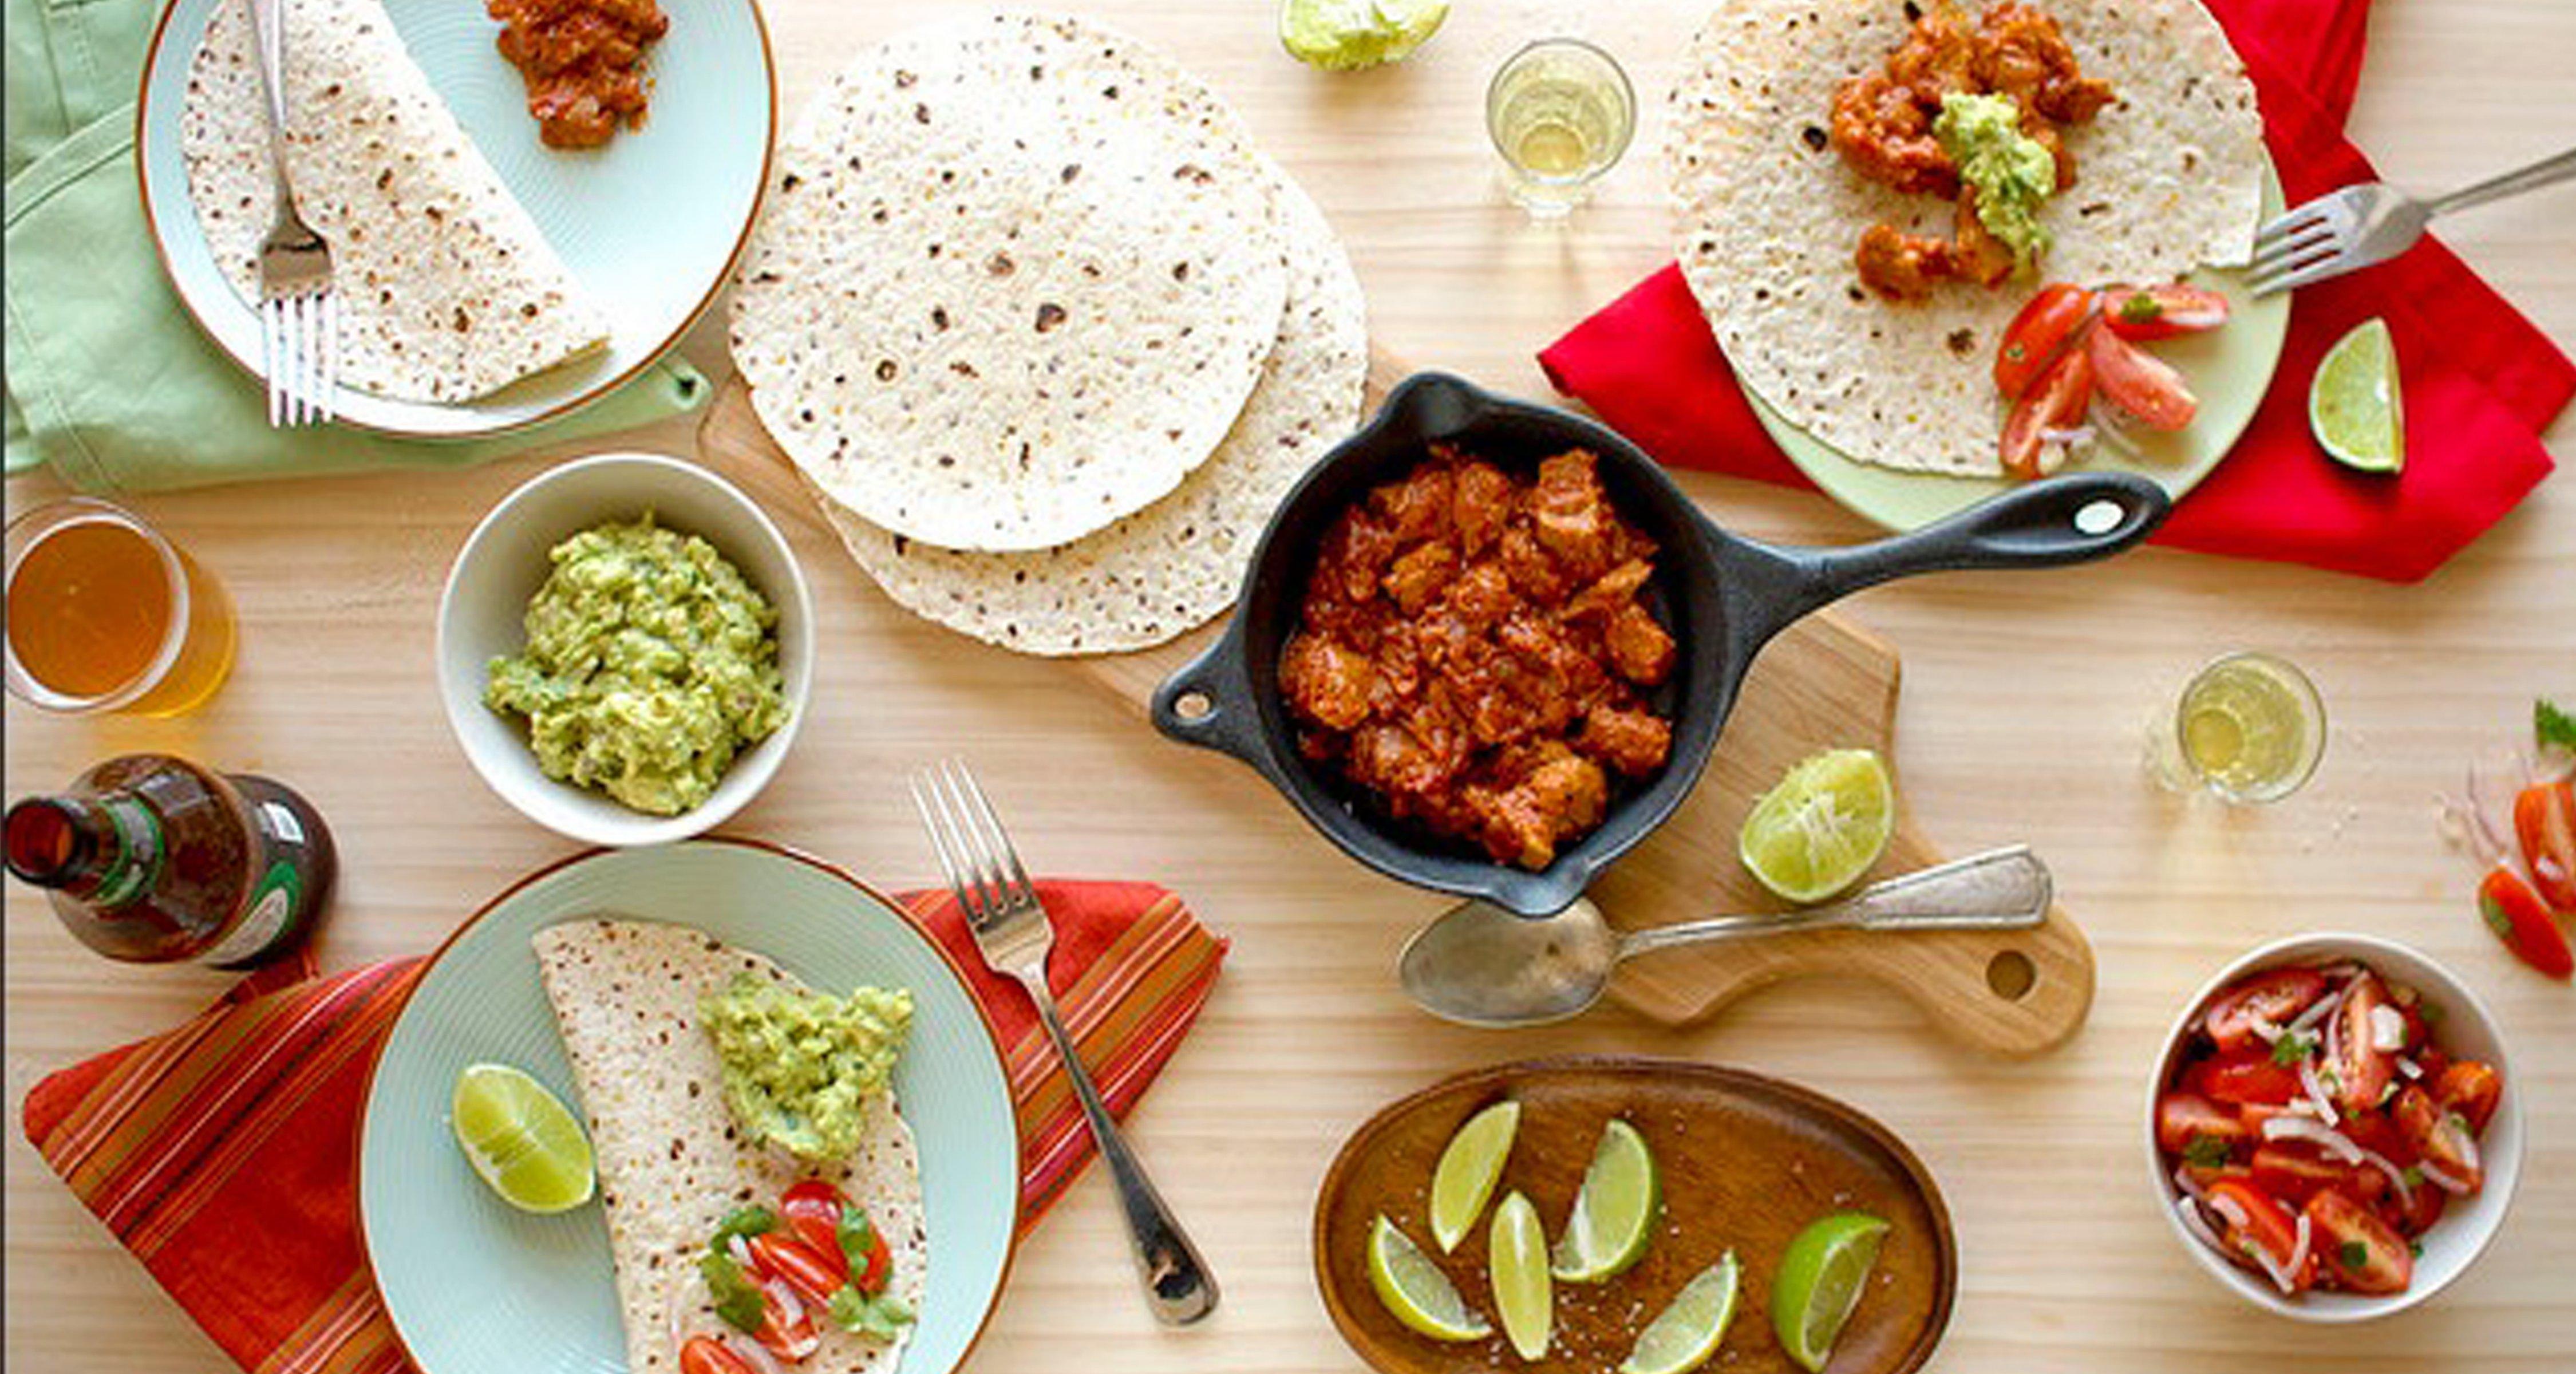 Mexican Food Wallpaper 4500x2400